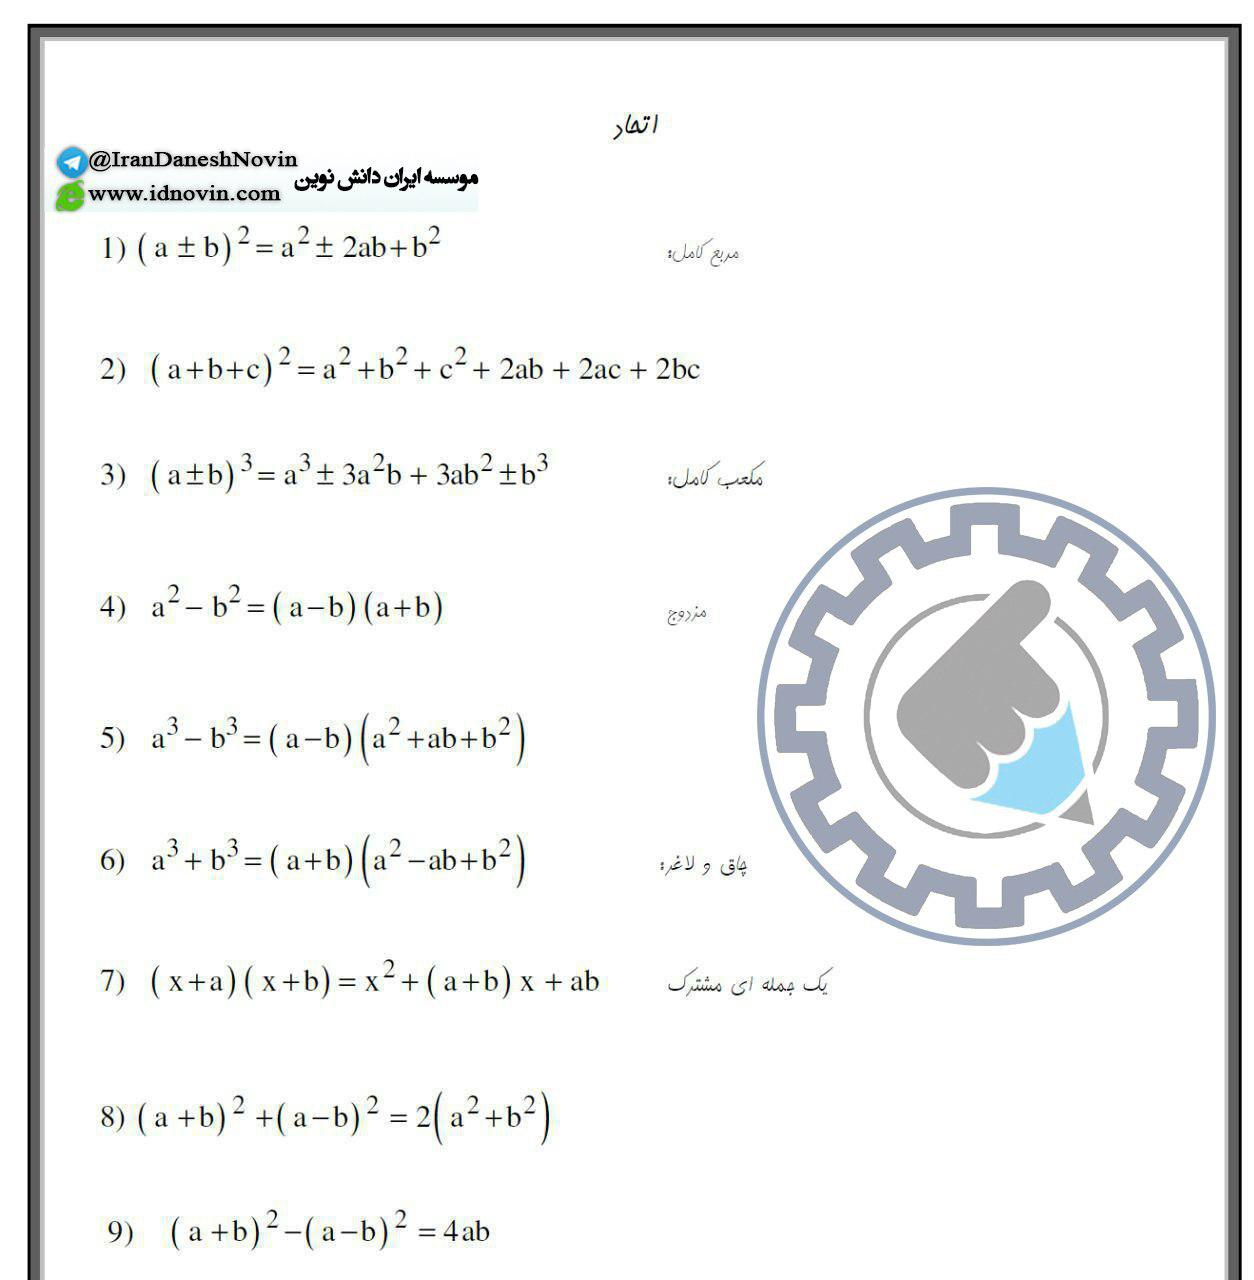 تمام قانون های اتحاد ریاضی (عکس)